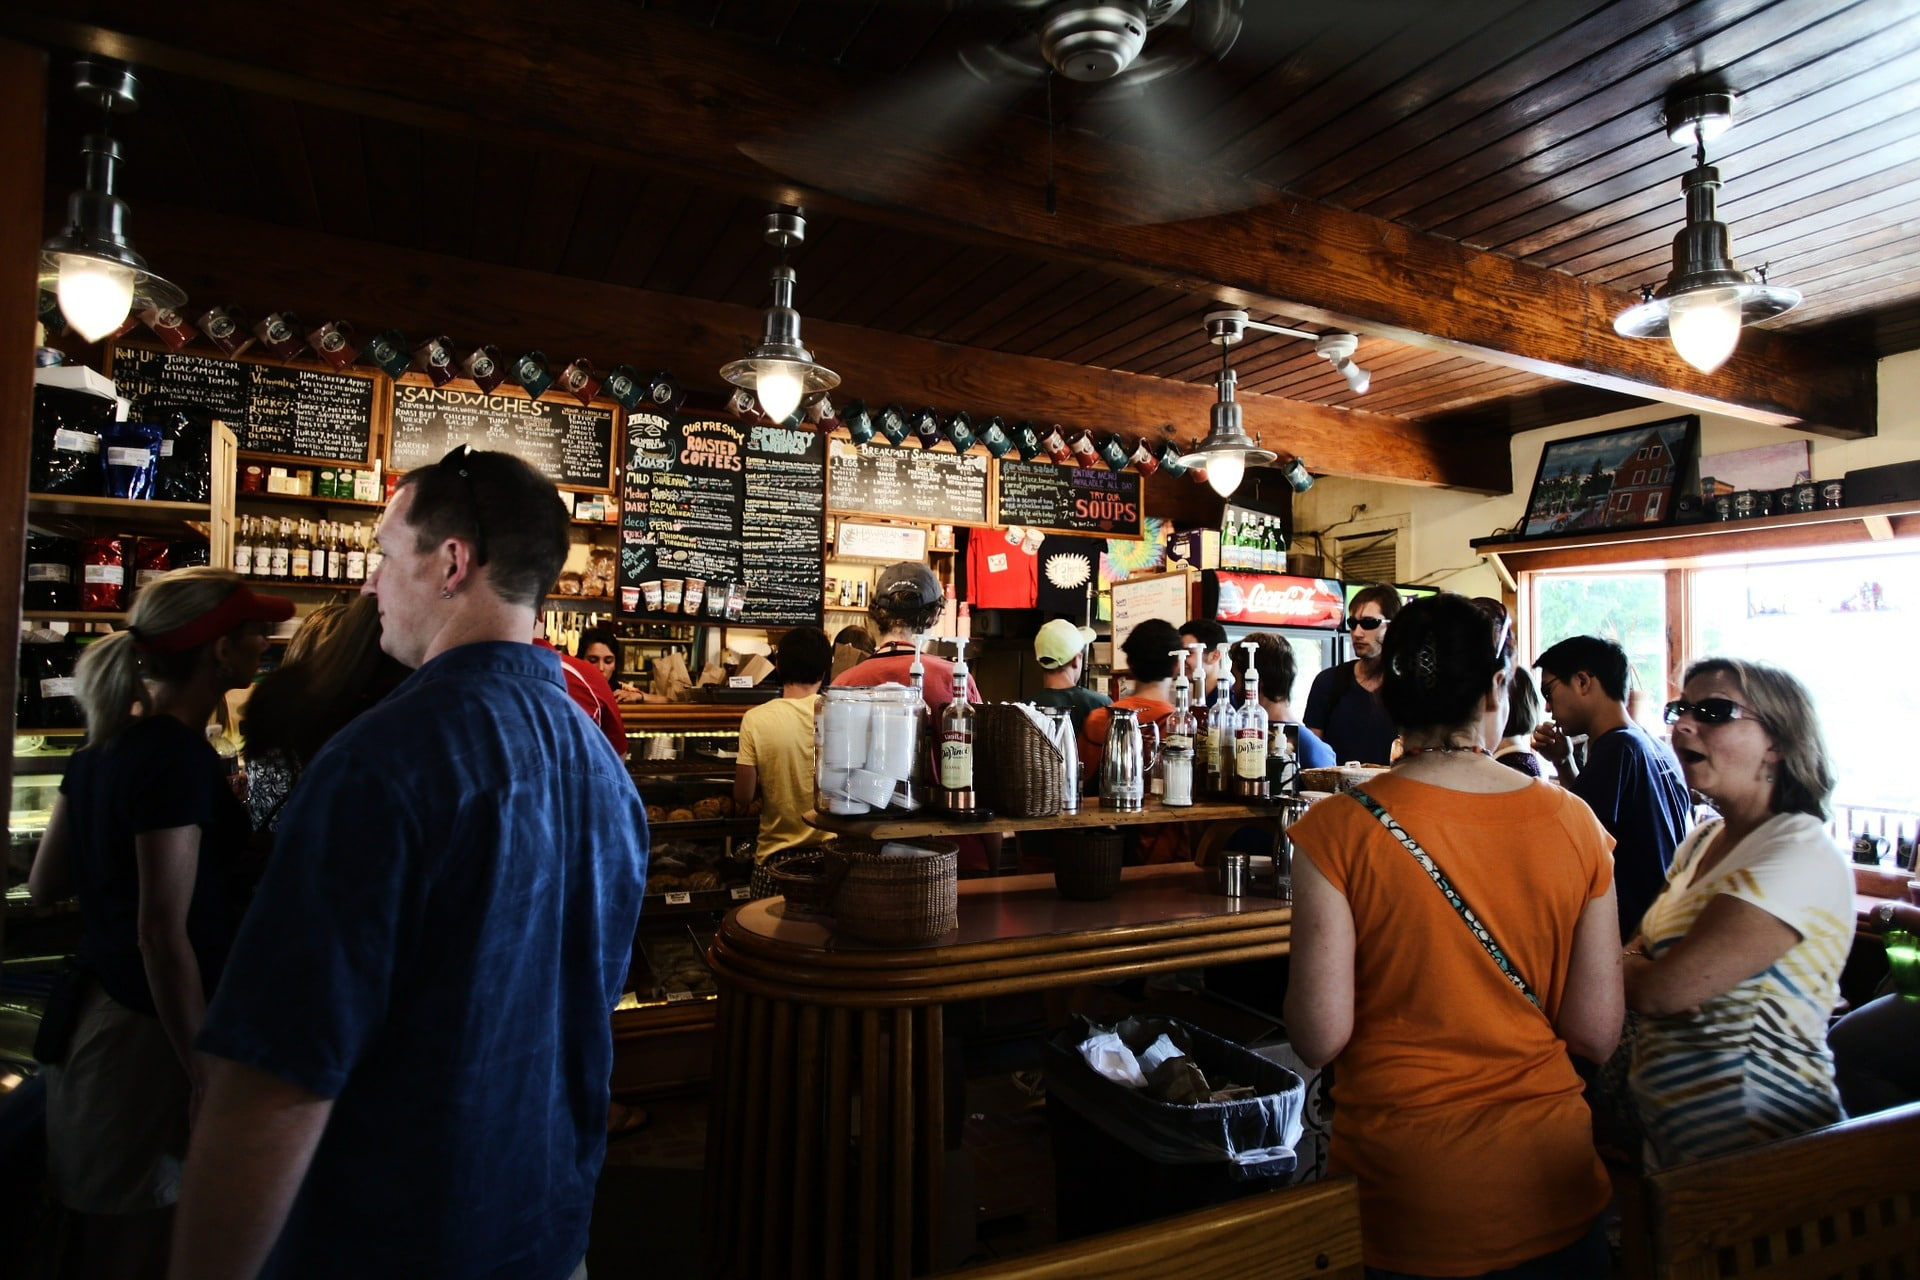 Monde dans un bar